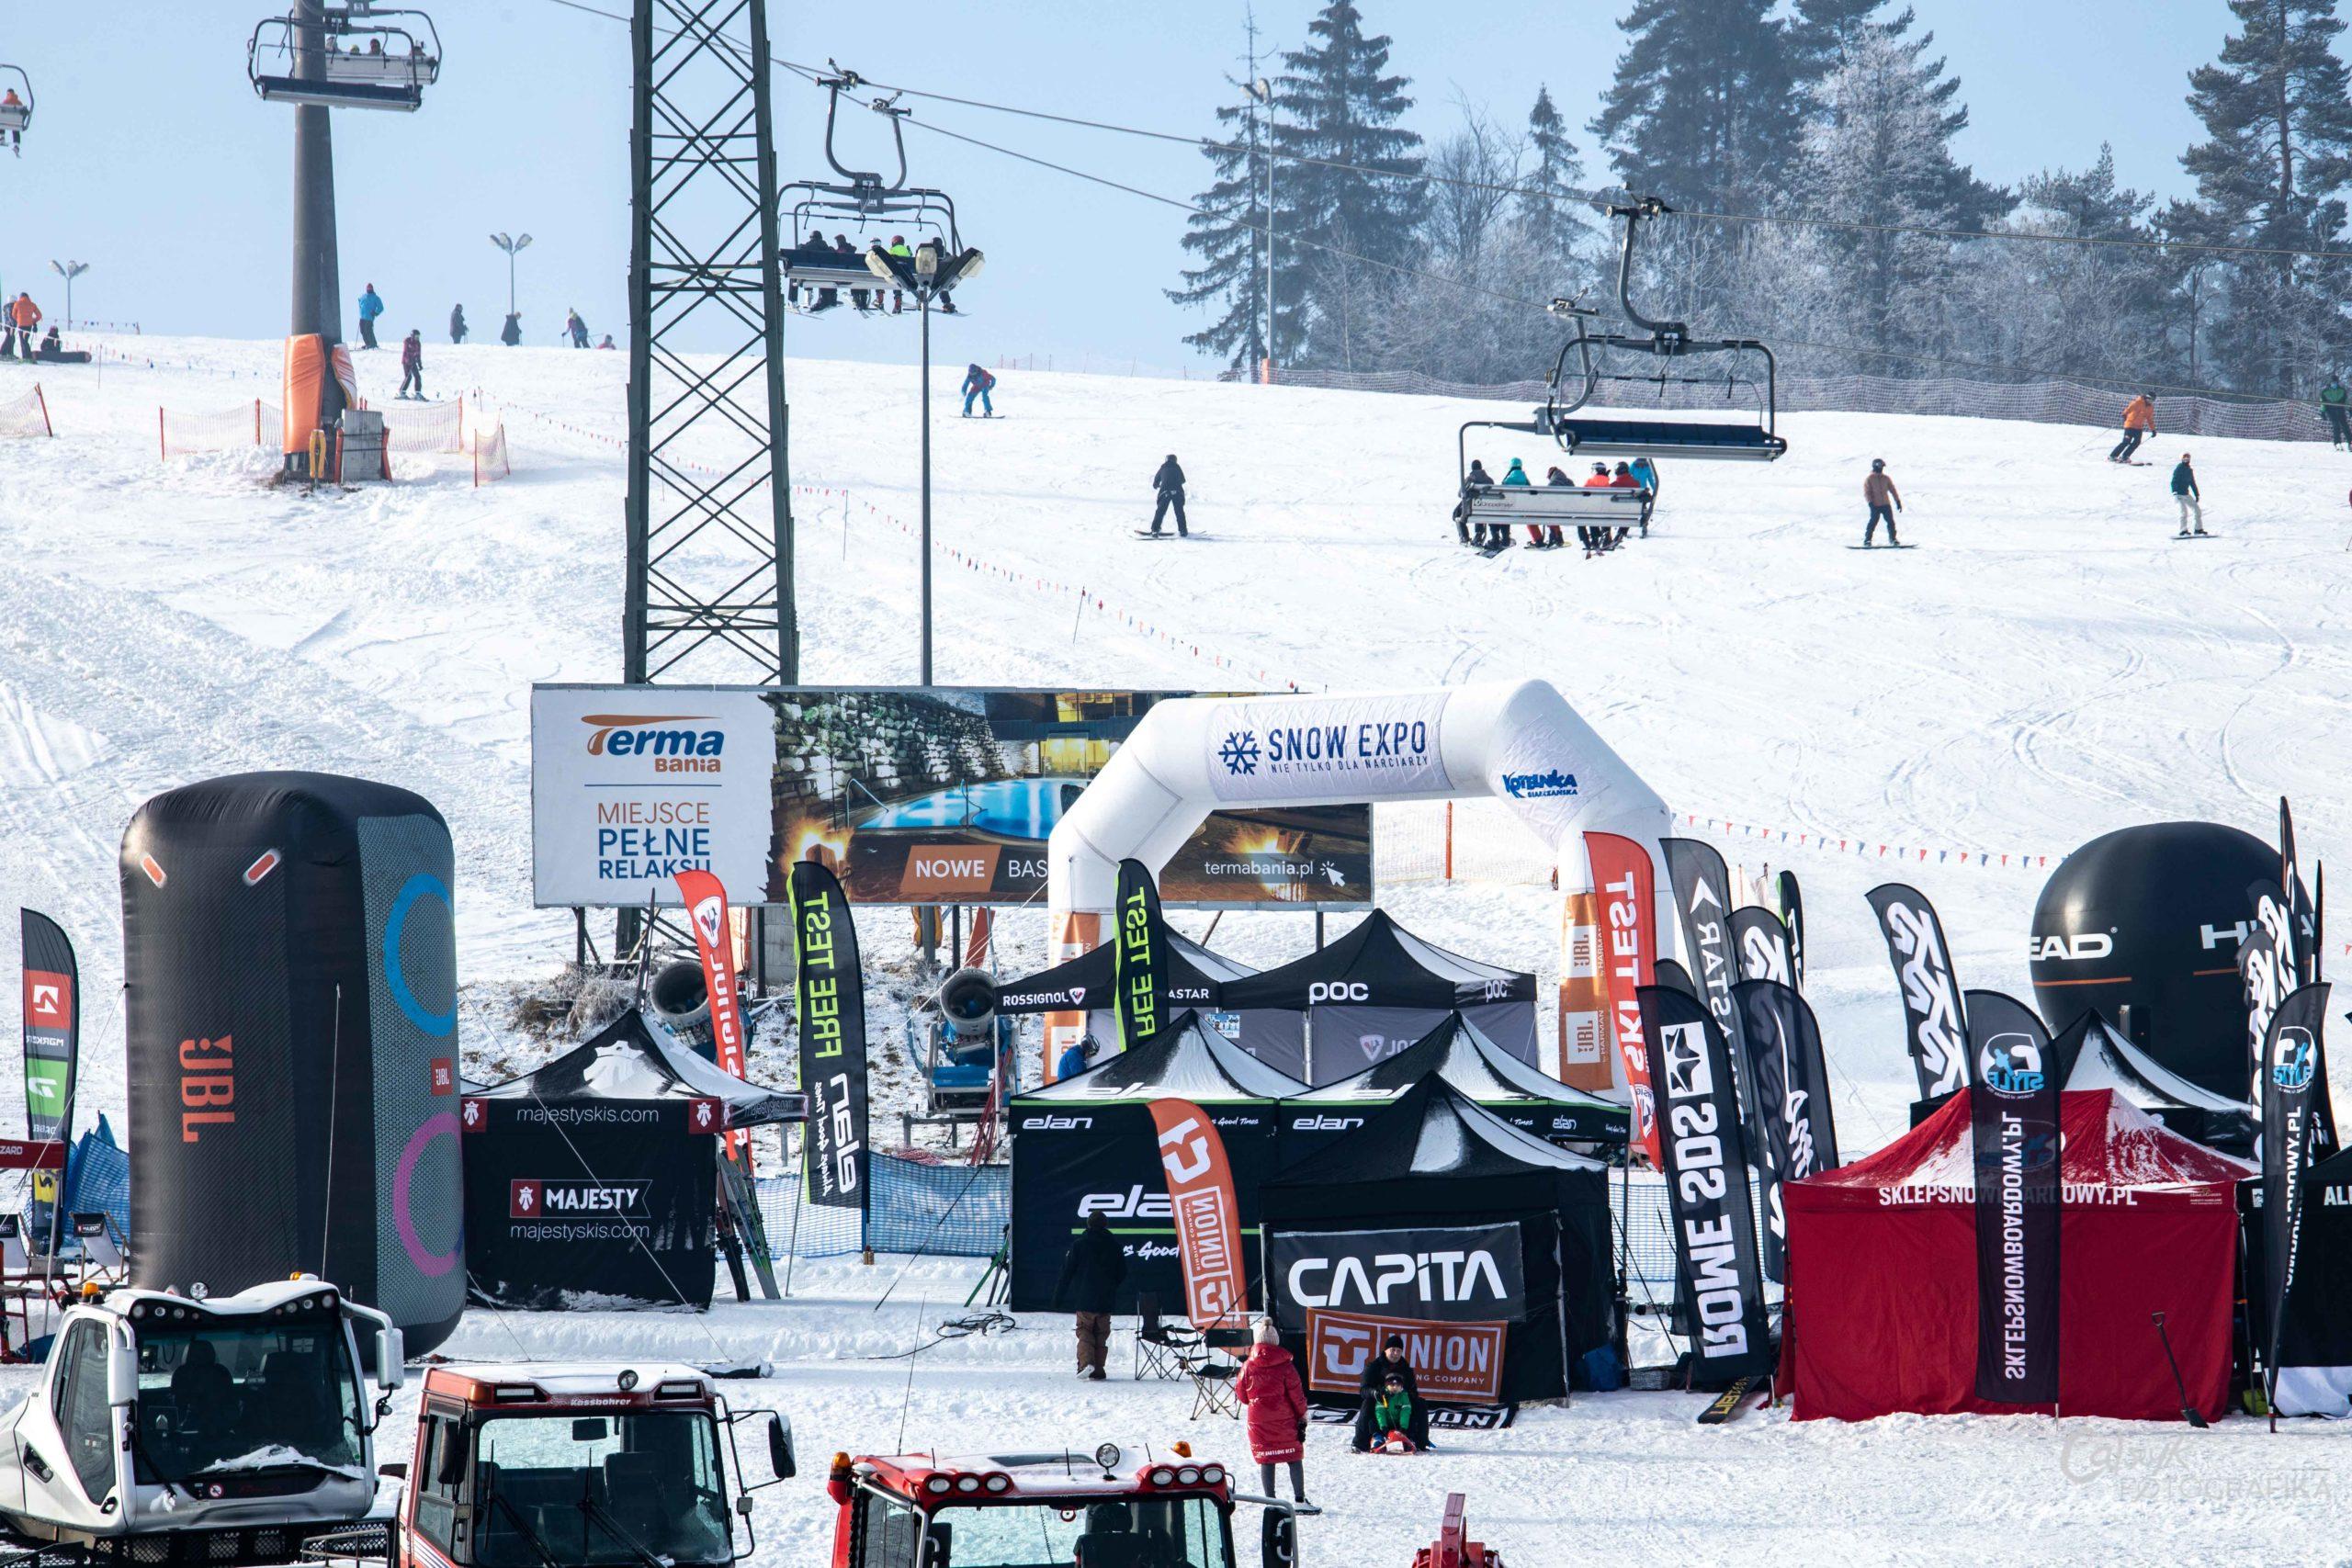 SNOW EXPO SKI TEST